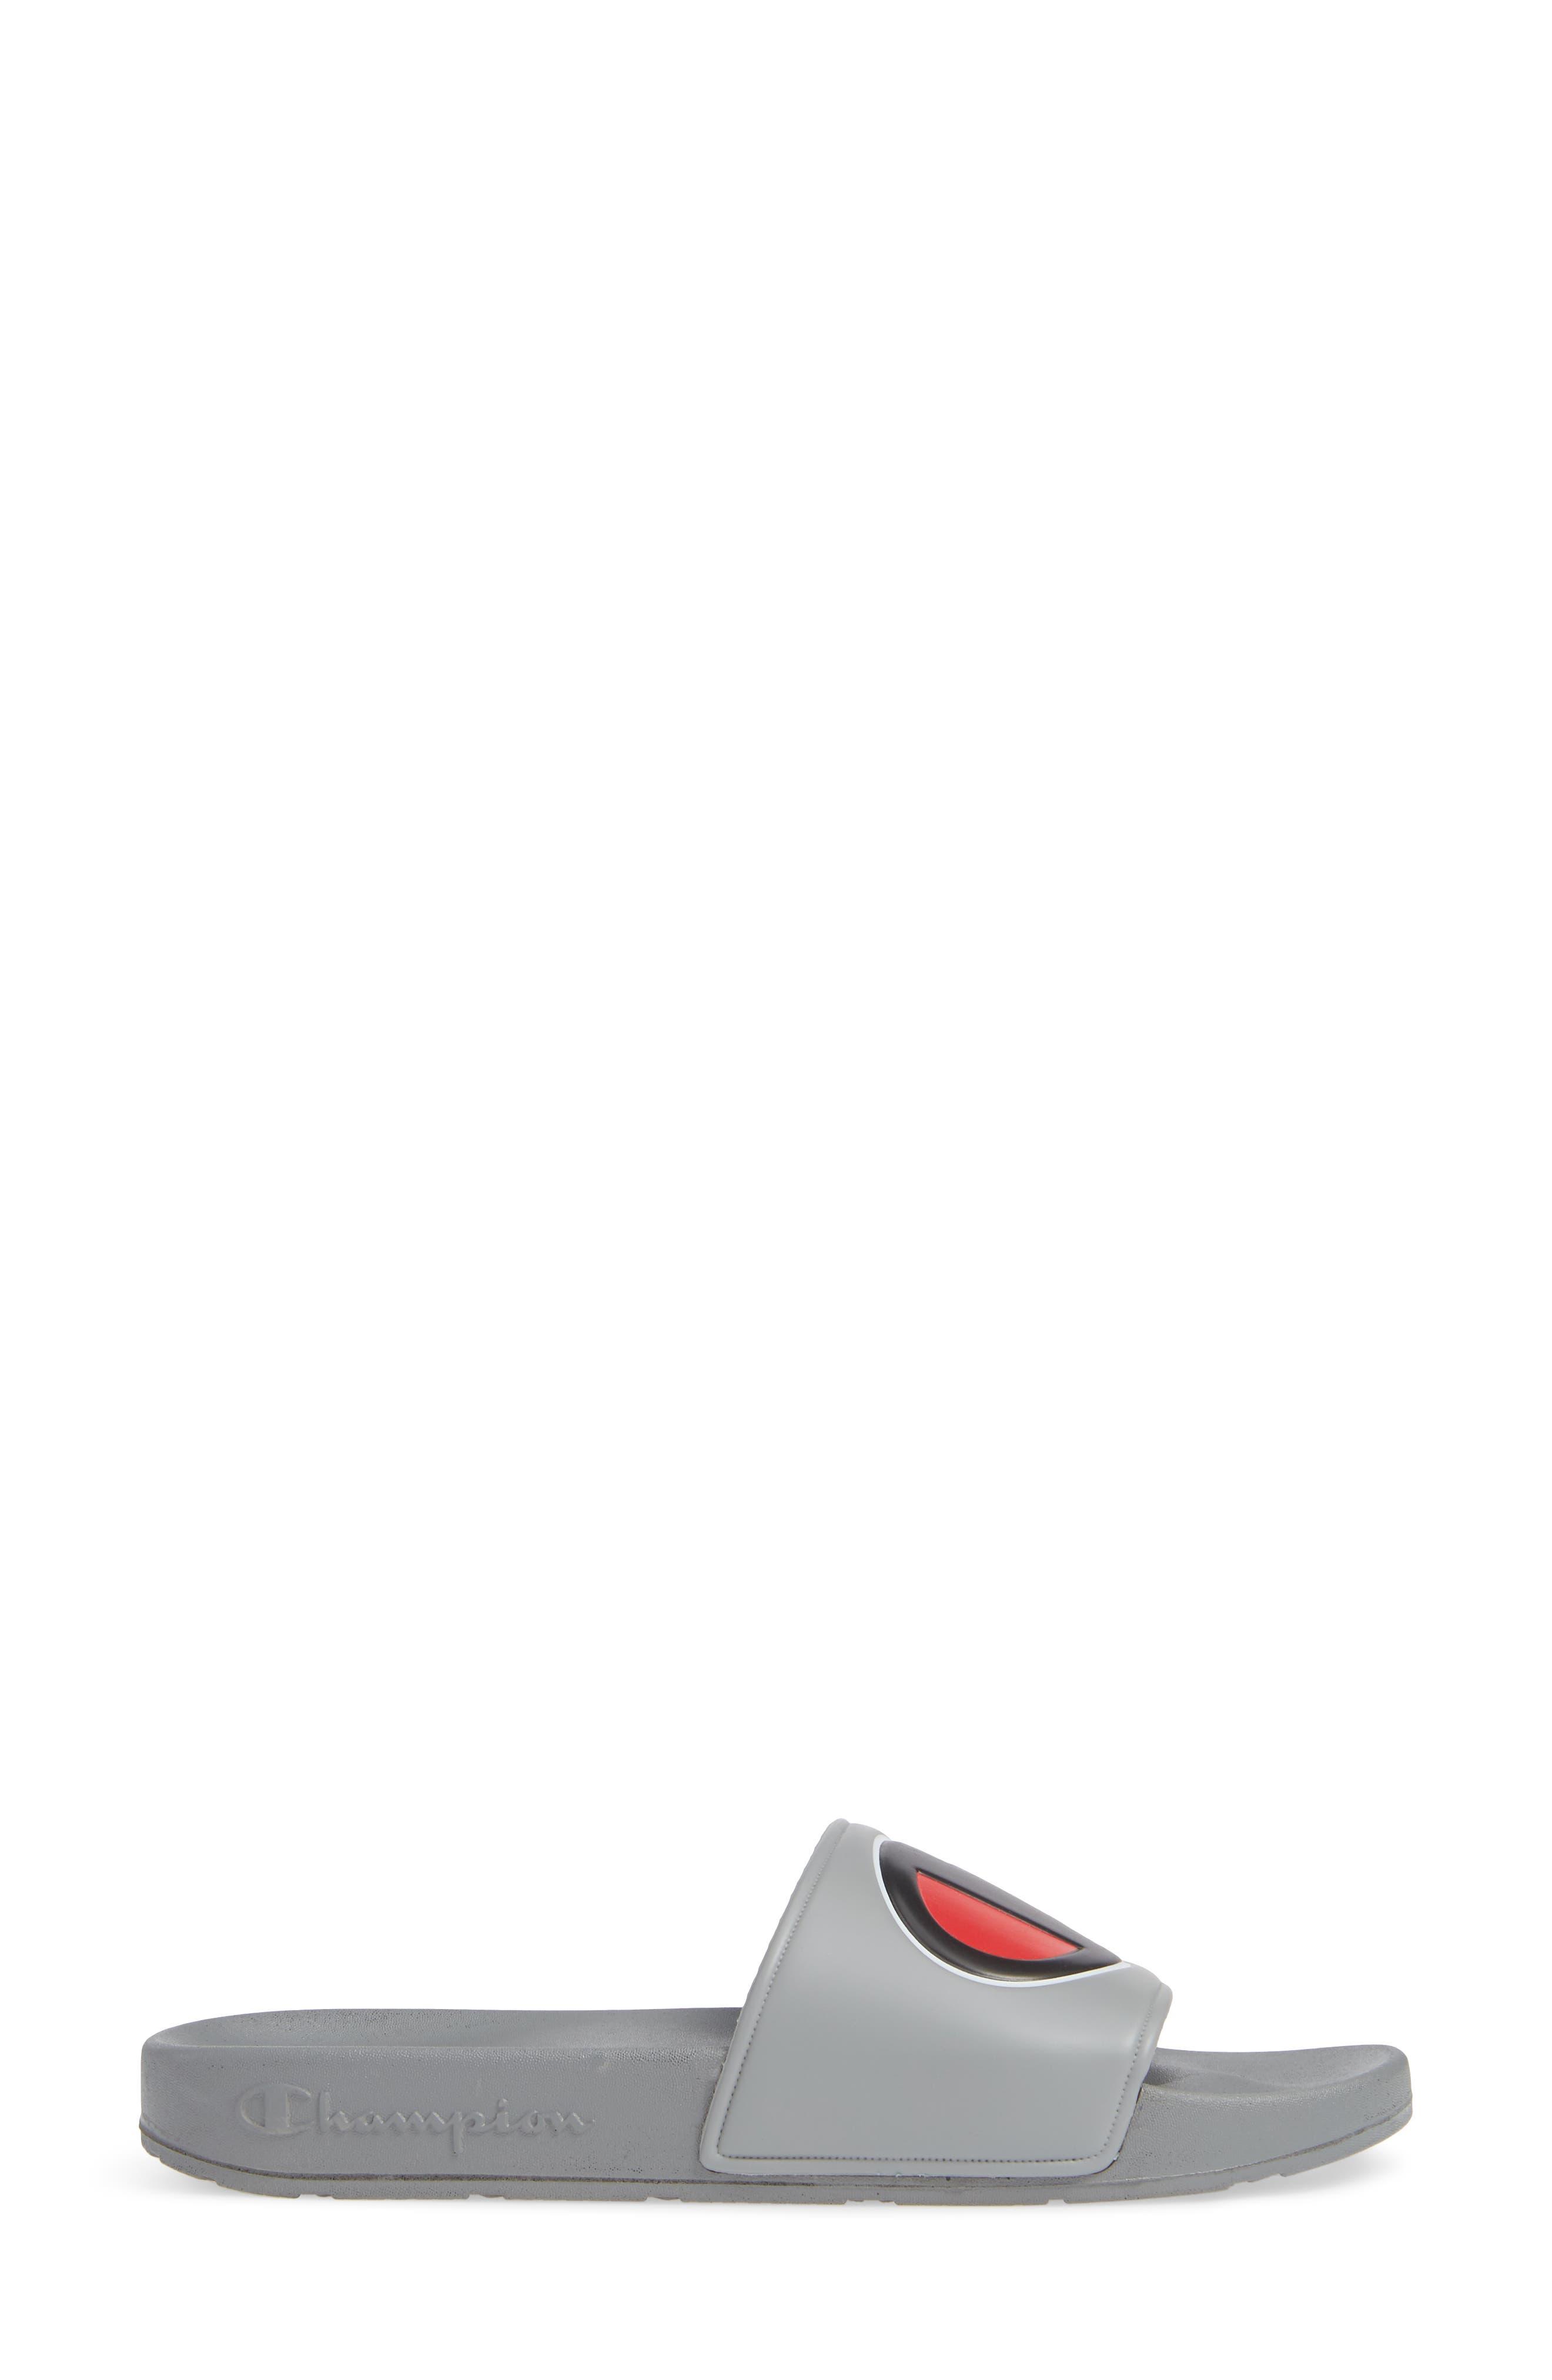 Slide Sandal,                             Alternate thumbnail 3, color,                             020